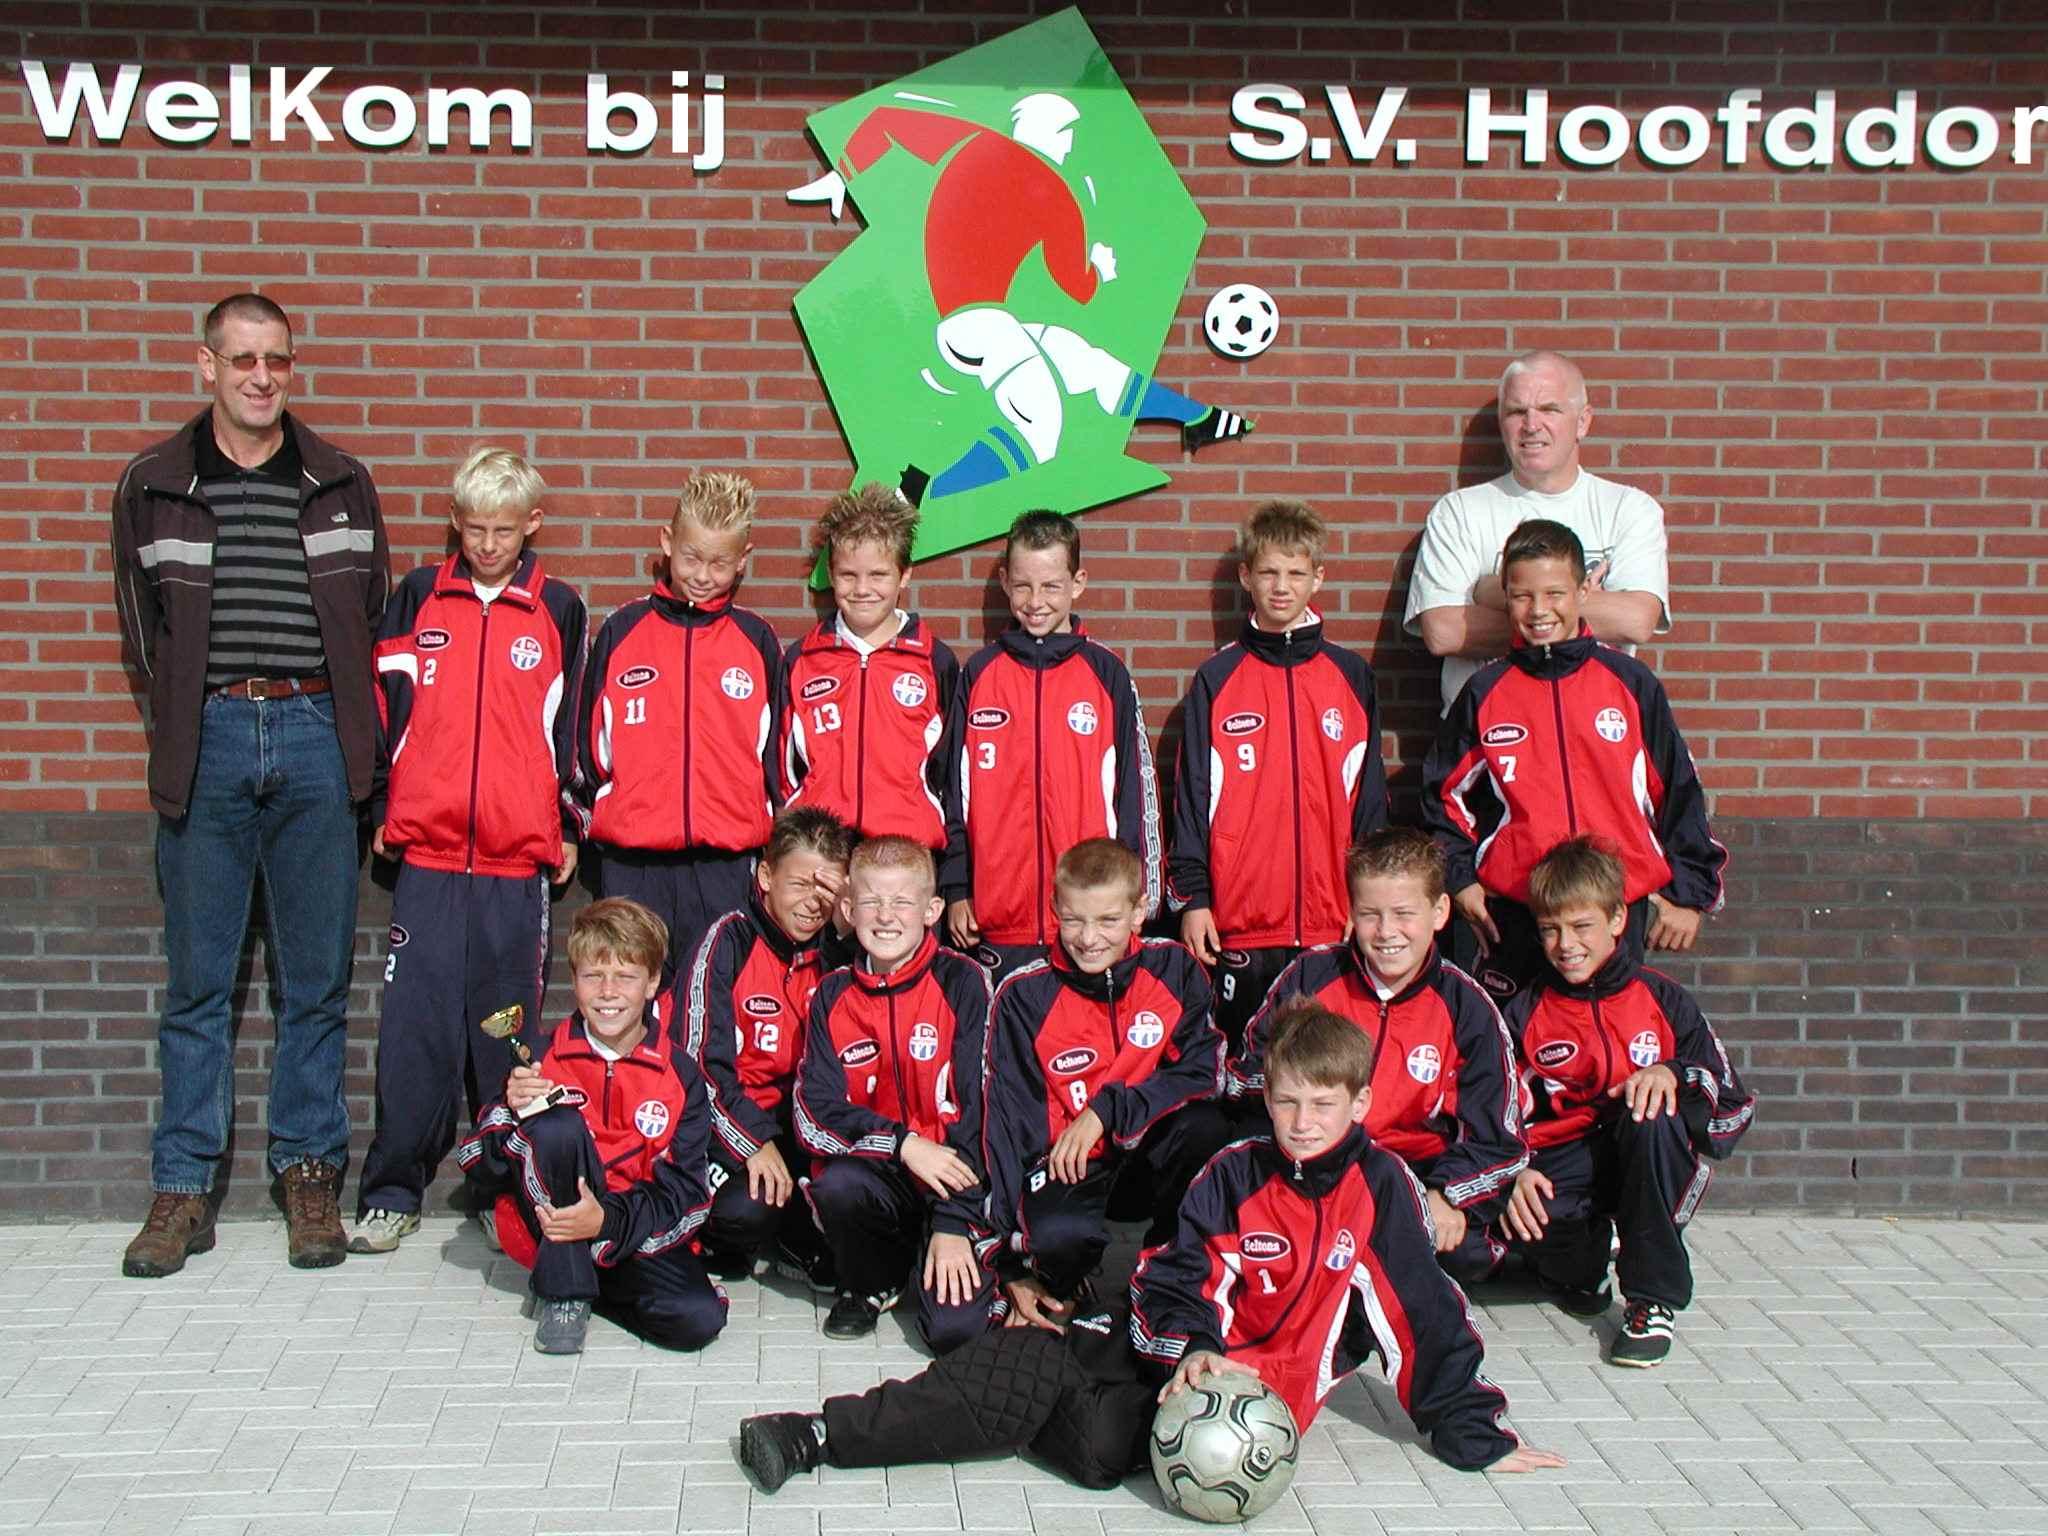 Hoofddorp D11